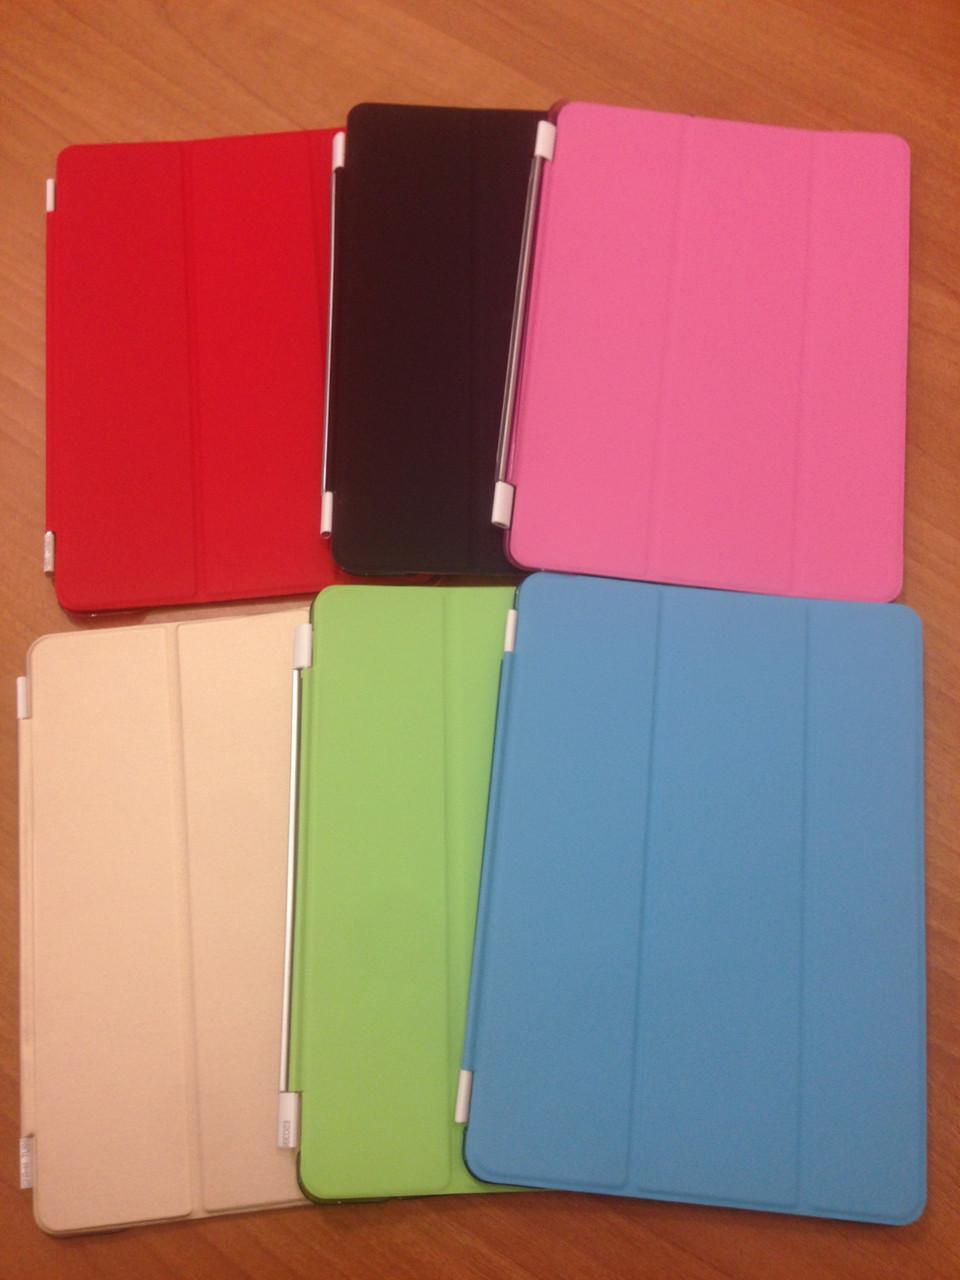 Чехол Смарт ковер+пластиковая накладка для Ipad Pro 9.7 Разные цвета( есть и на другие модели)